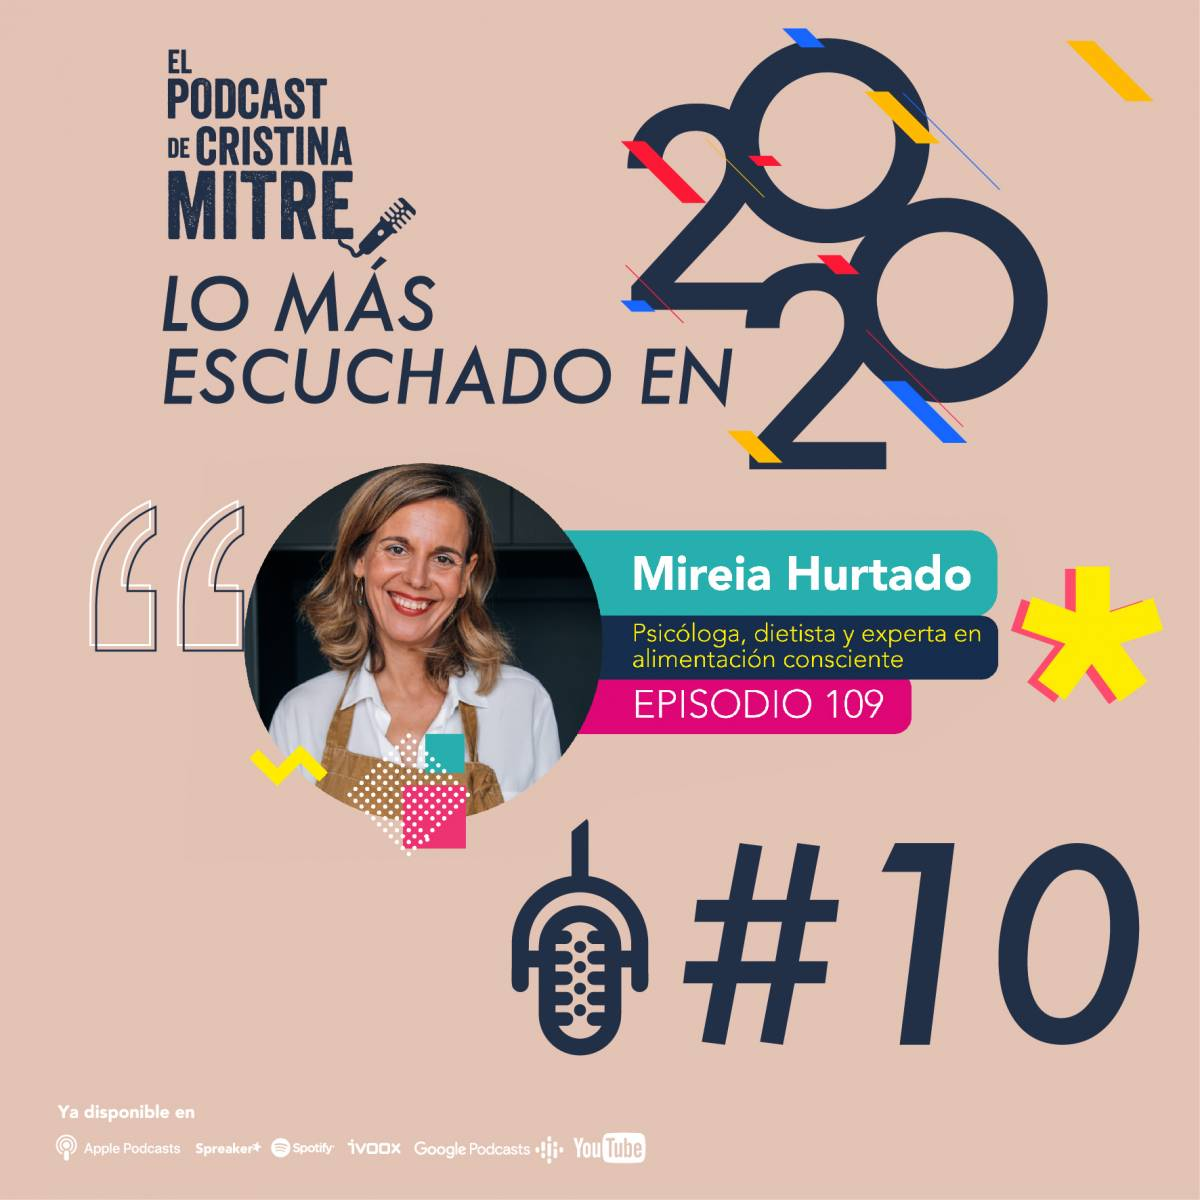 Los más escuchado de 2020 El podcast de Cristina Mitre